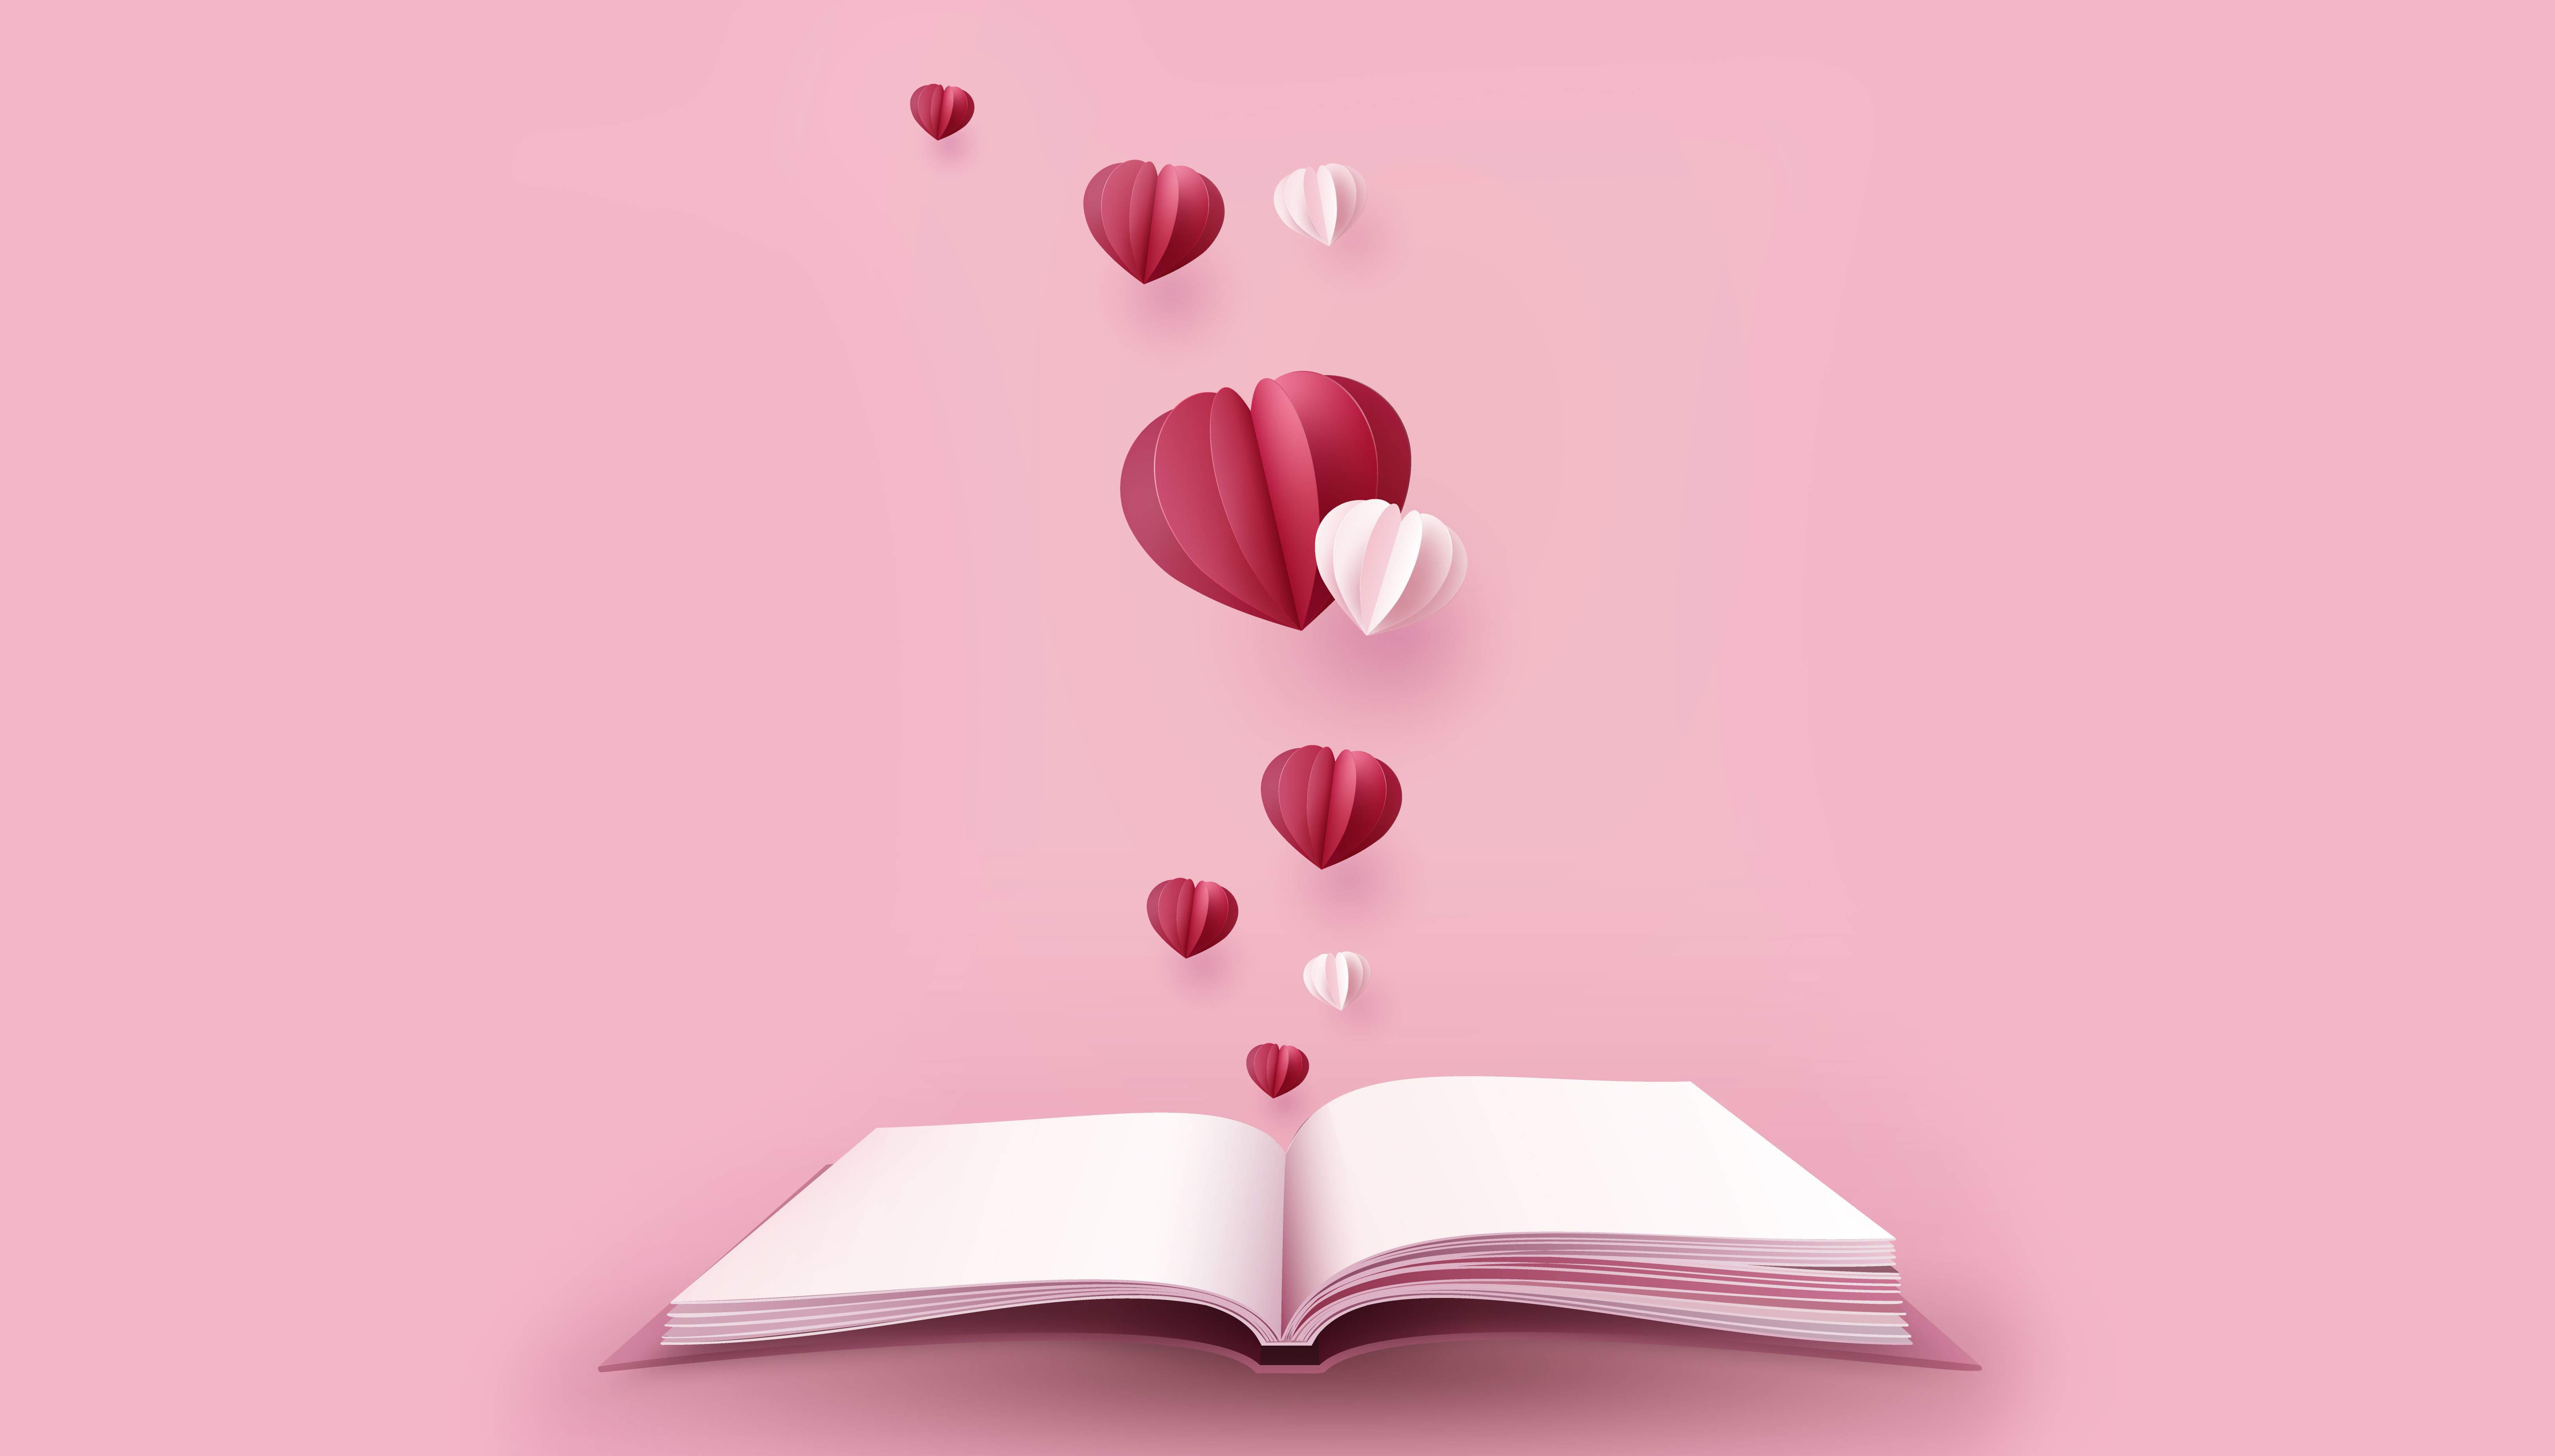 Austin-Macauley-Romance-Books